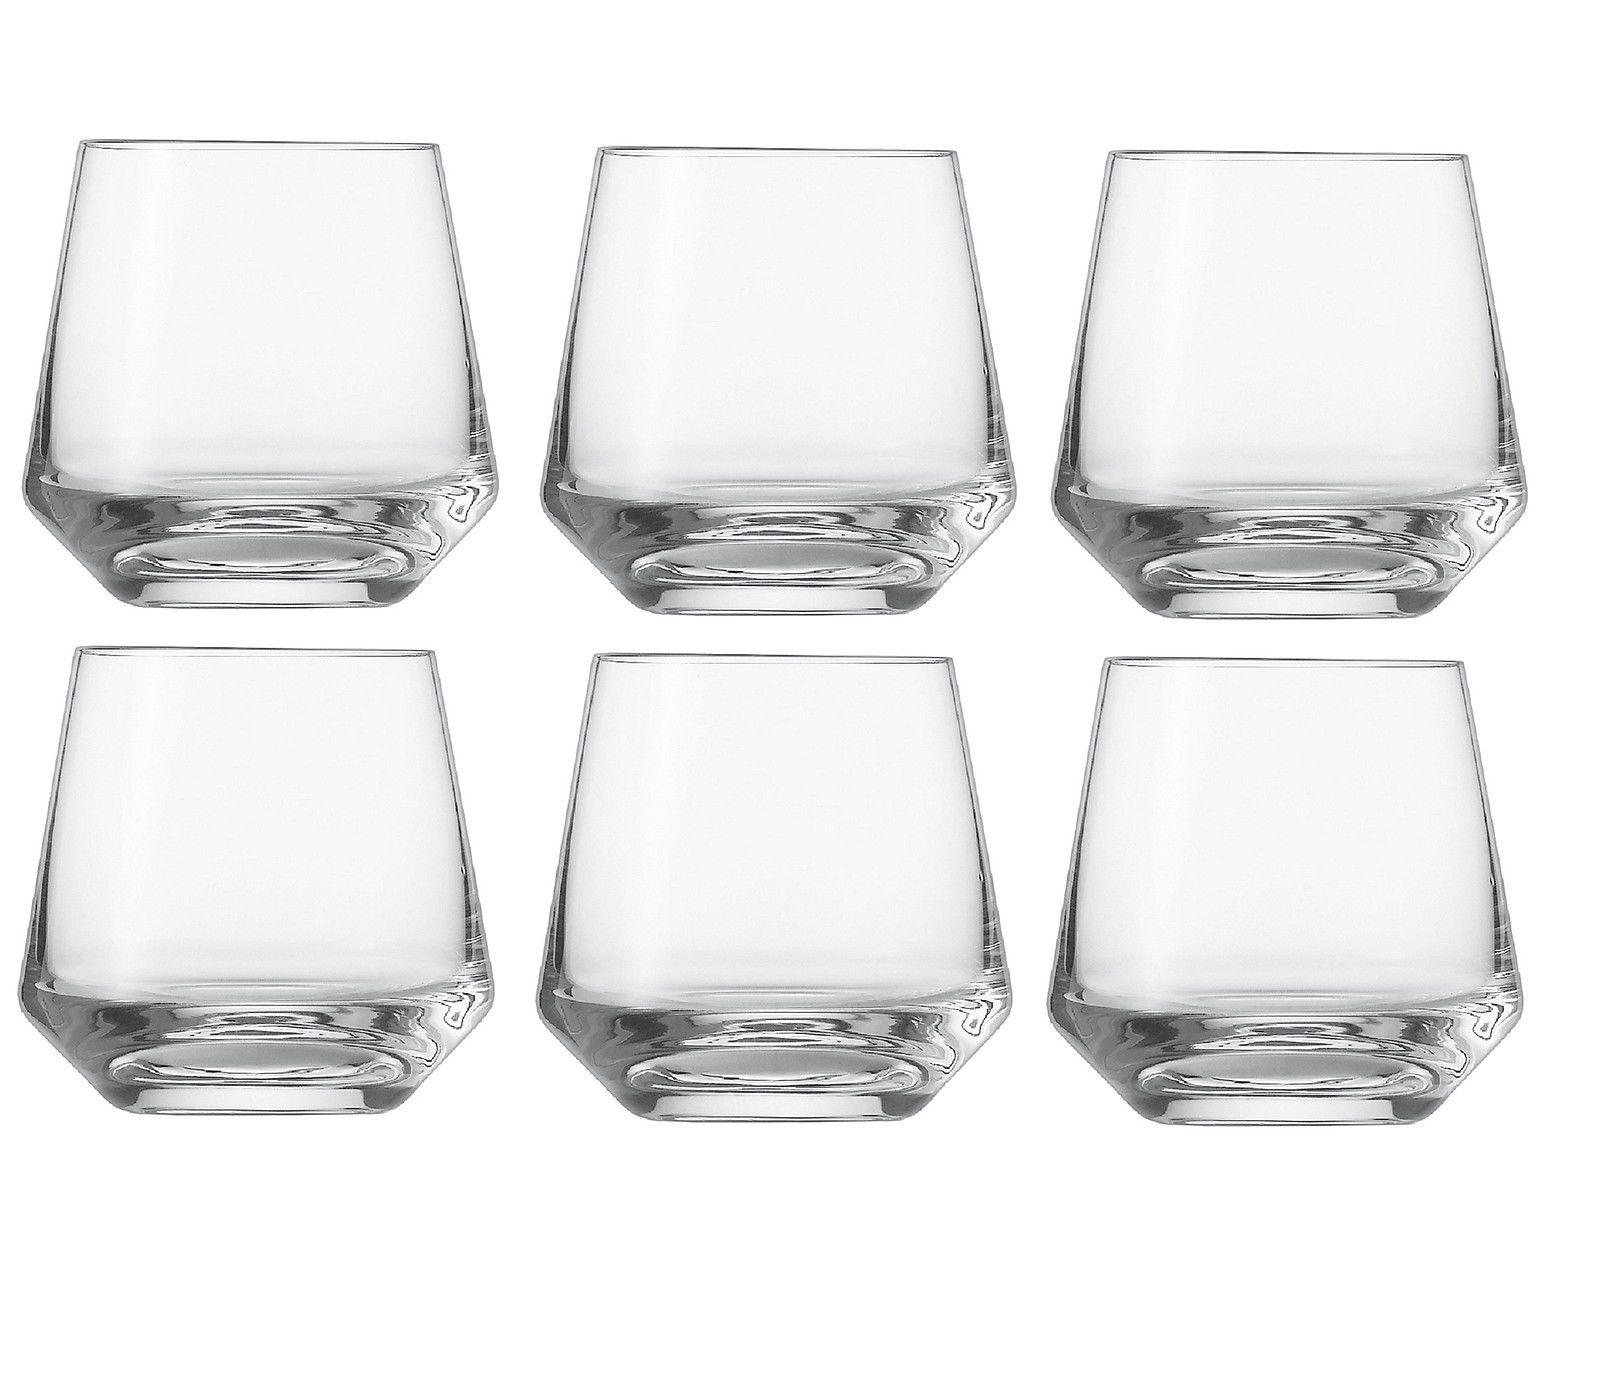 Набор стаканов для виски Schott Zwiesel PURE, объем 0,306 л, прозрачный, 6 штук Schott Zwiesel 112844_6шт фото 0